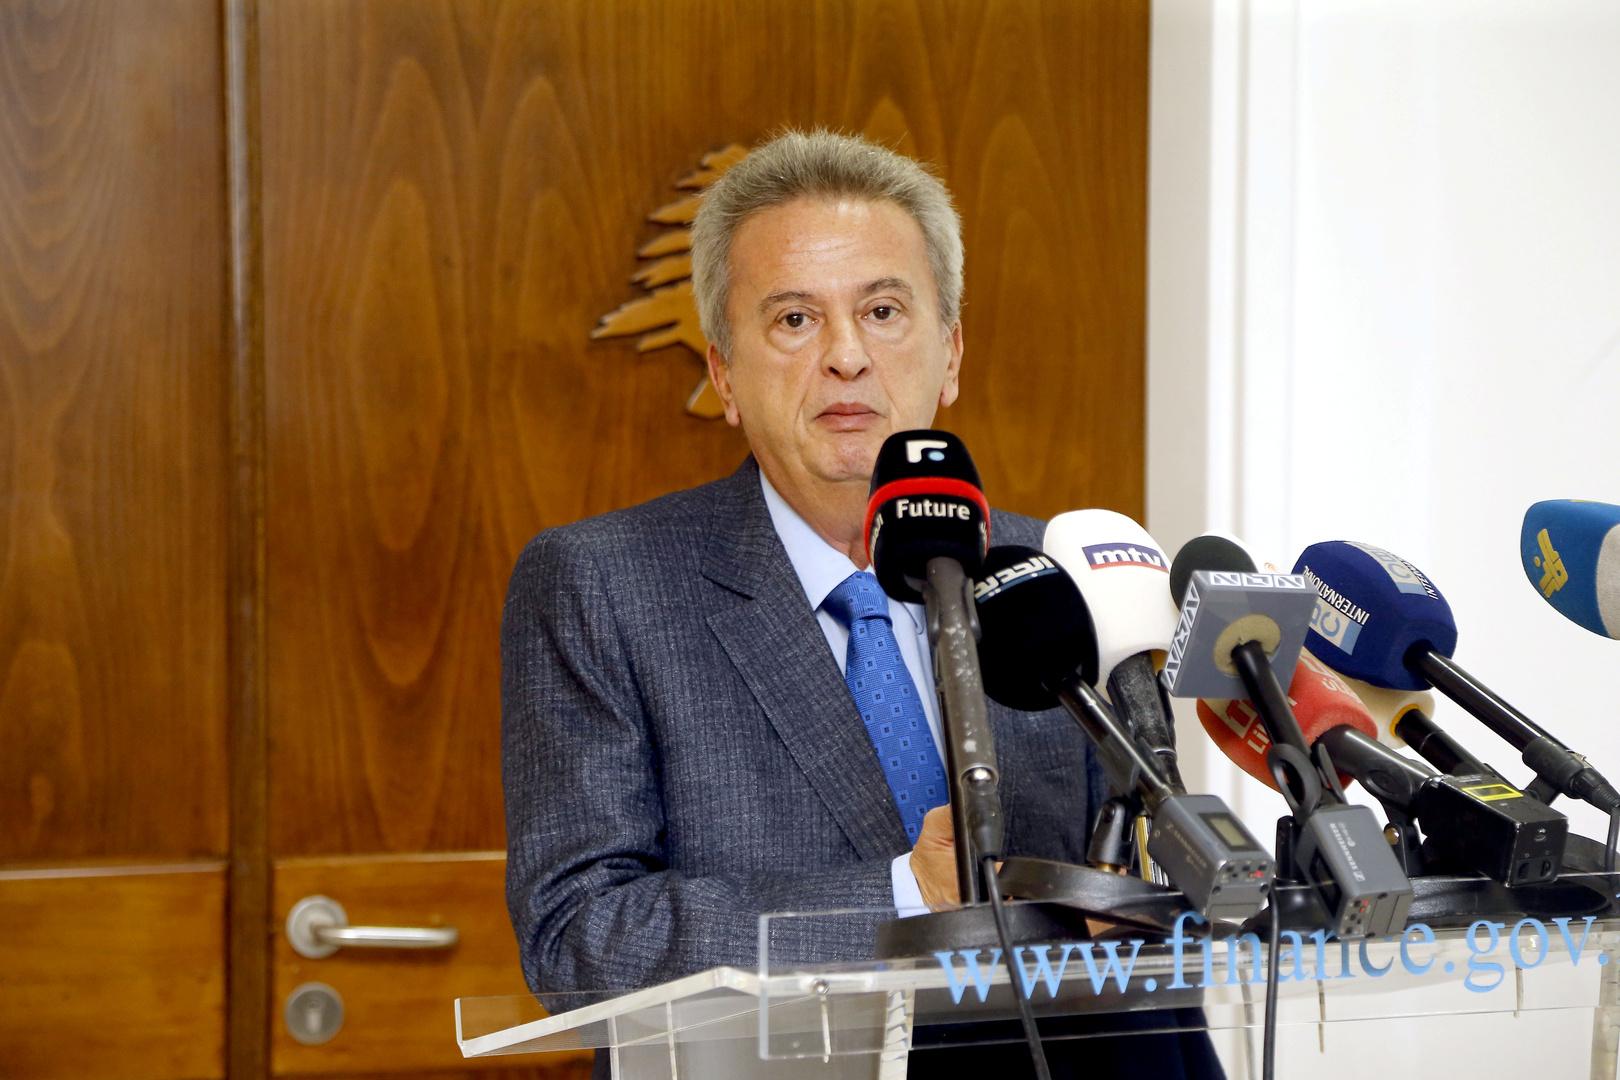 القضاء اللبناني يحجز على بعض أملاك حاكم مصرف لبنان احتياطيا